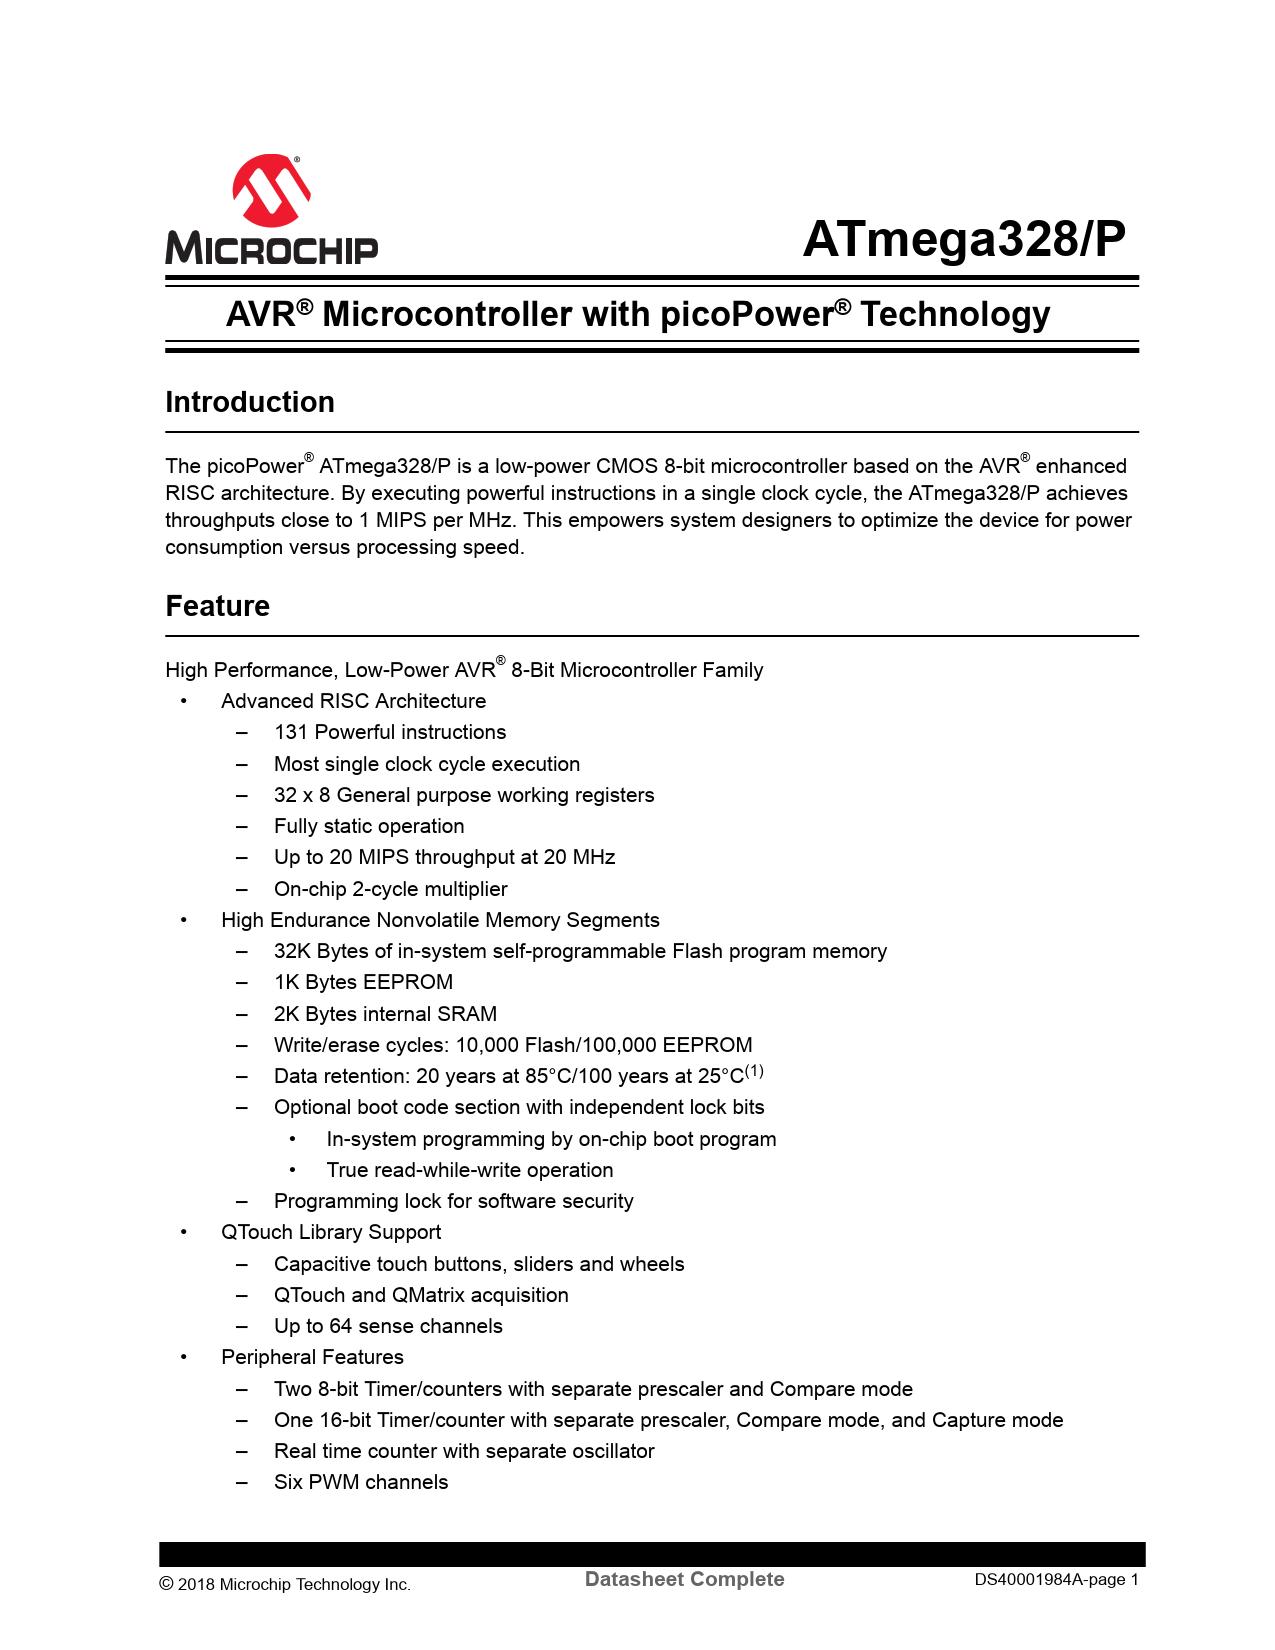 DataSheet ATmega328/P Atmel